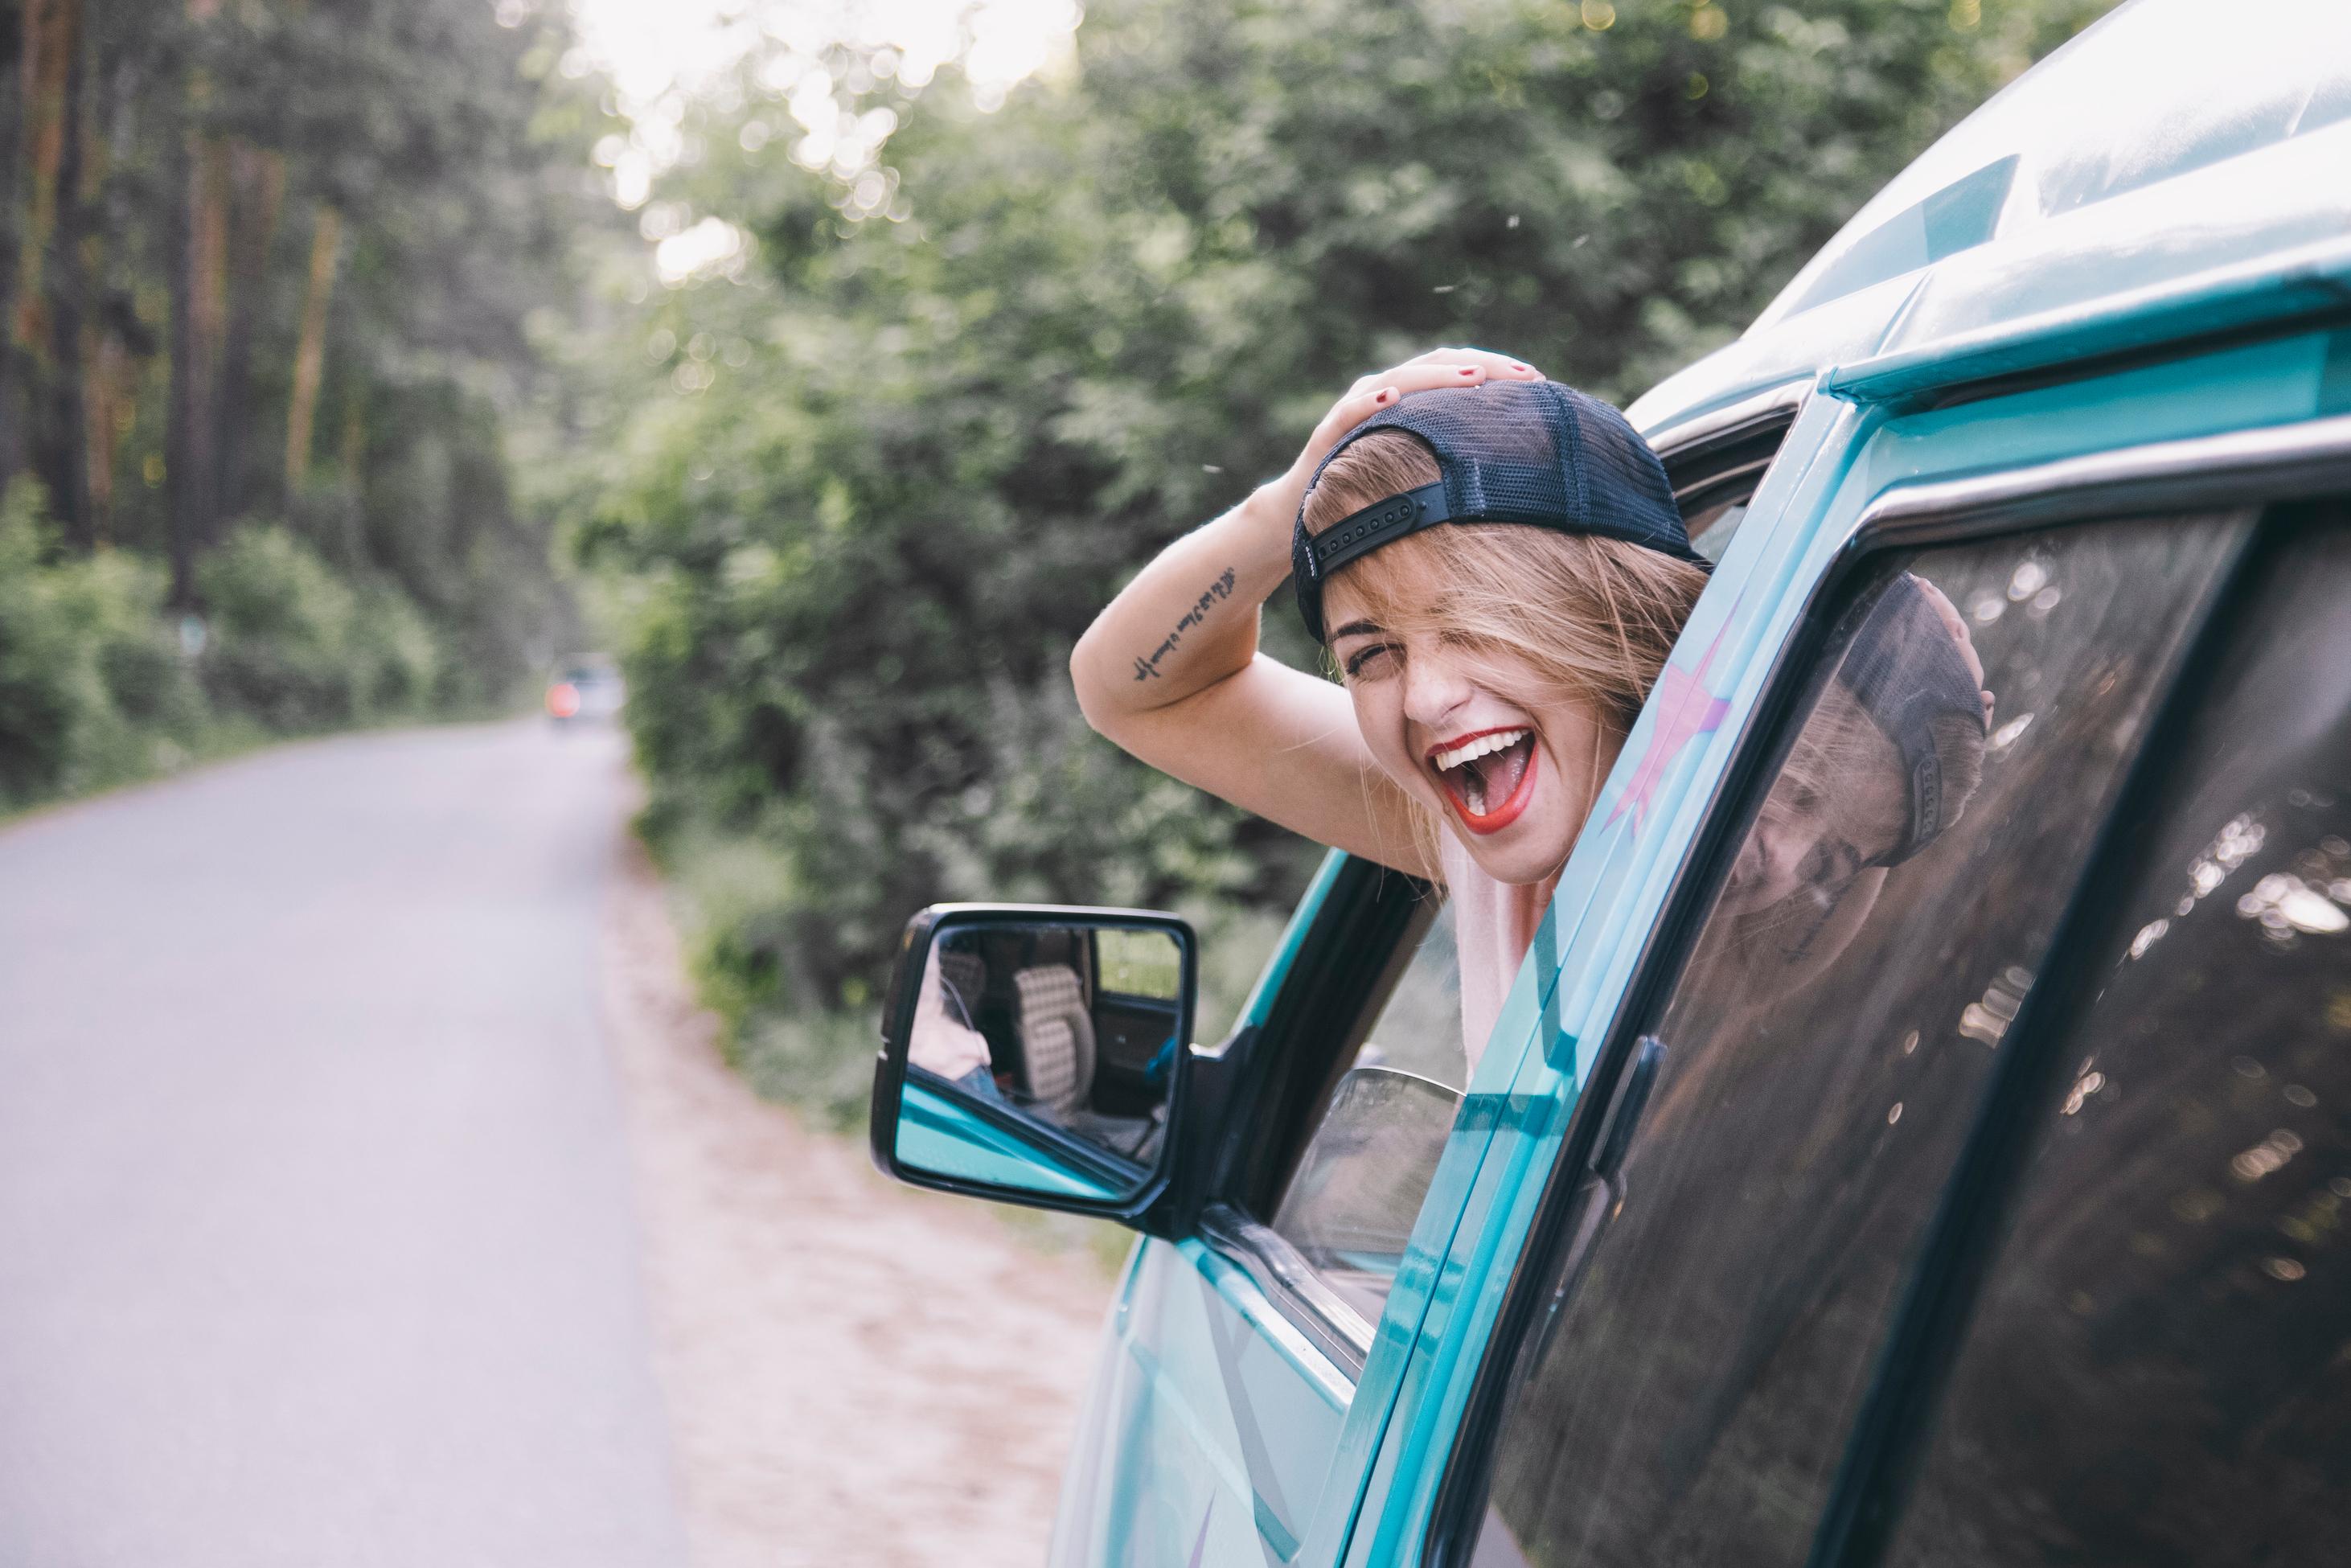 Junge Frau in altem VW-Bus